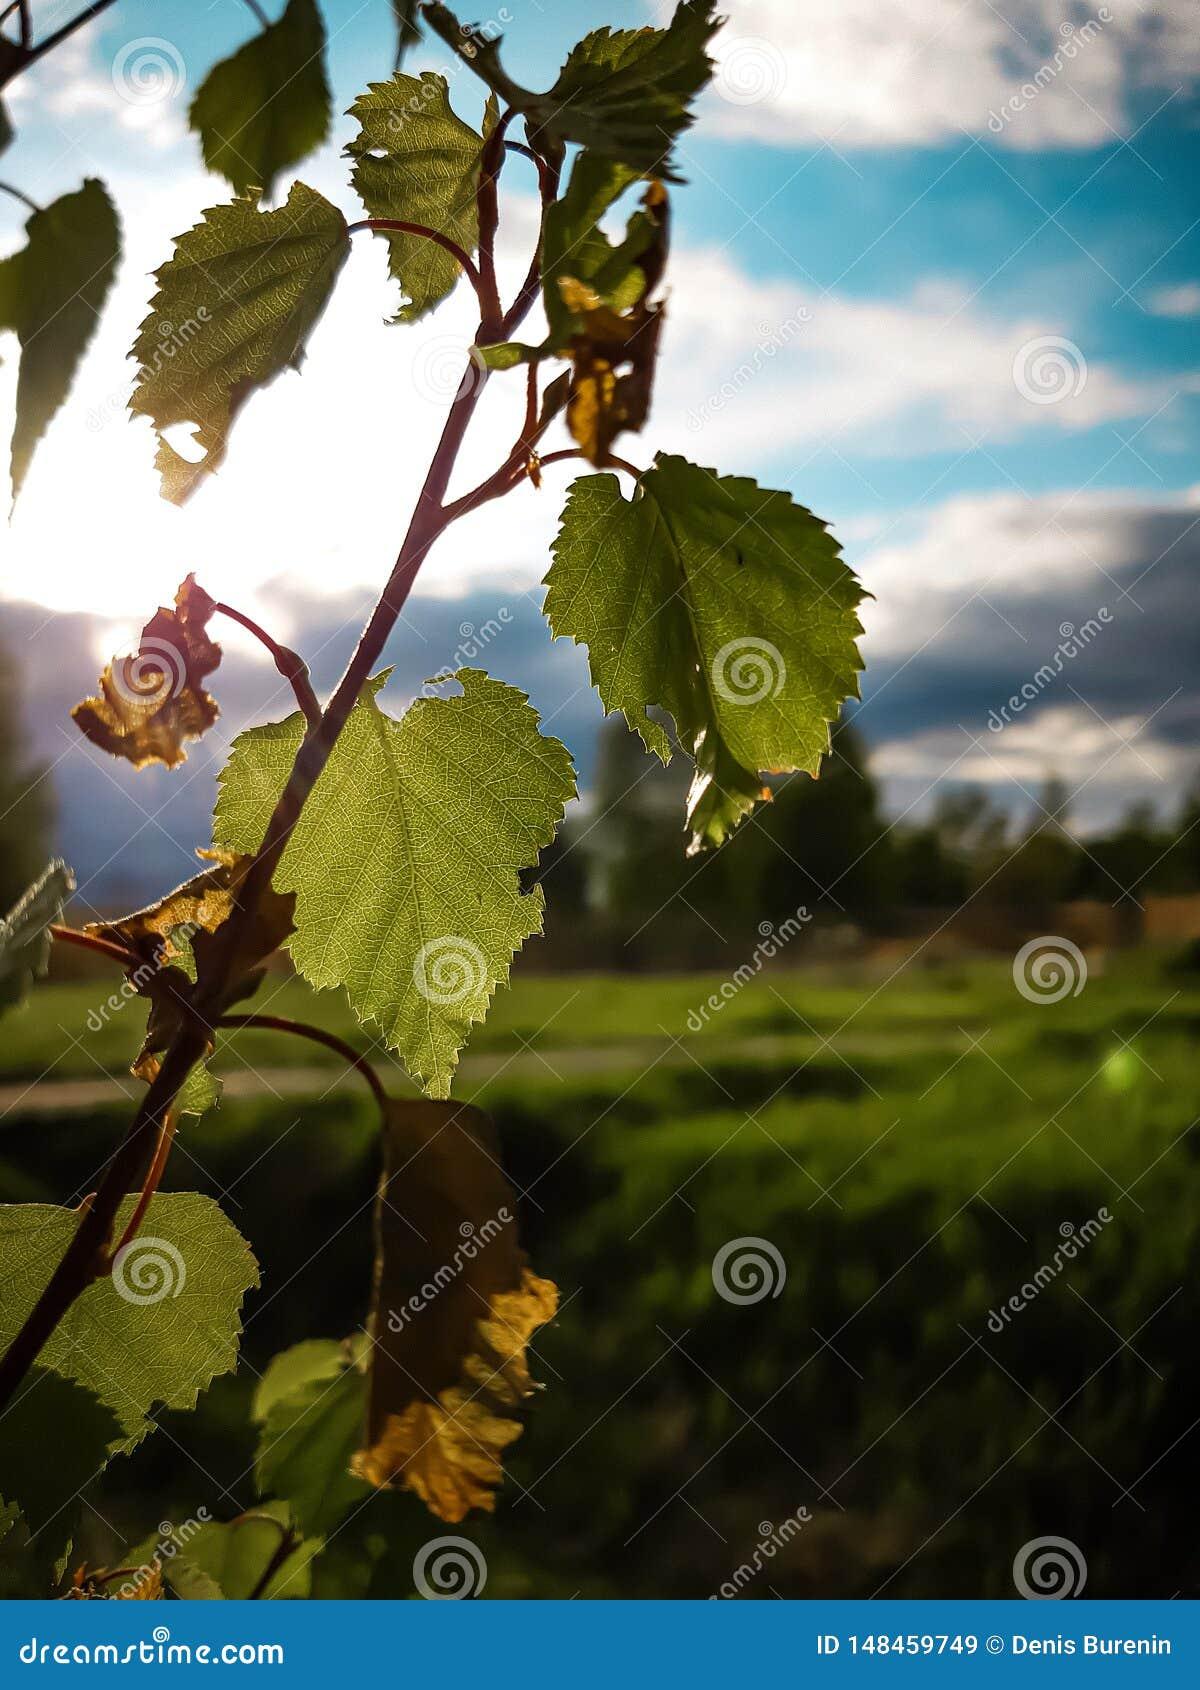 Osamotniona brzoza opuszcza przeciw pięknemu turkusowemu niebu